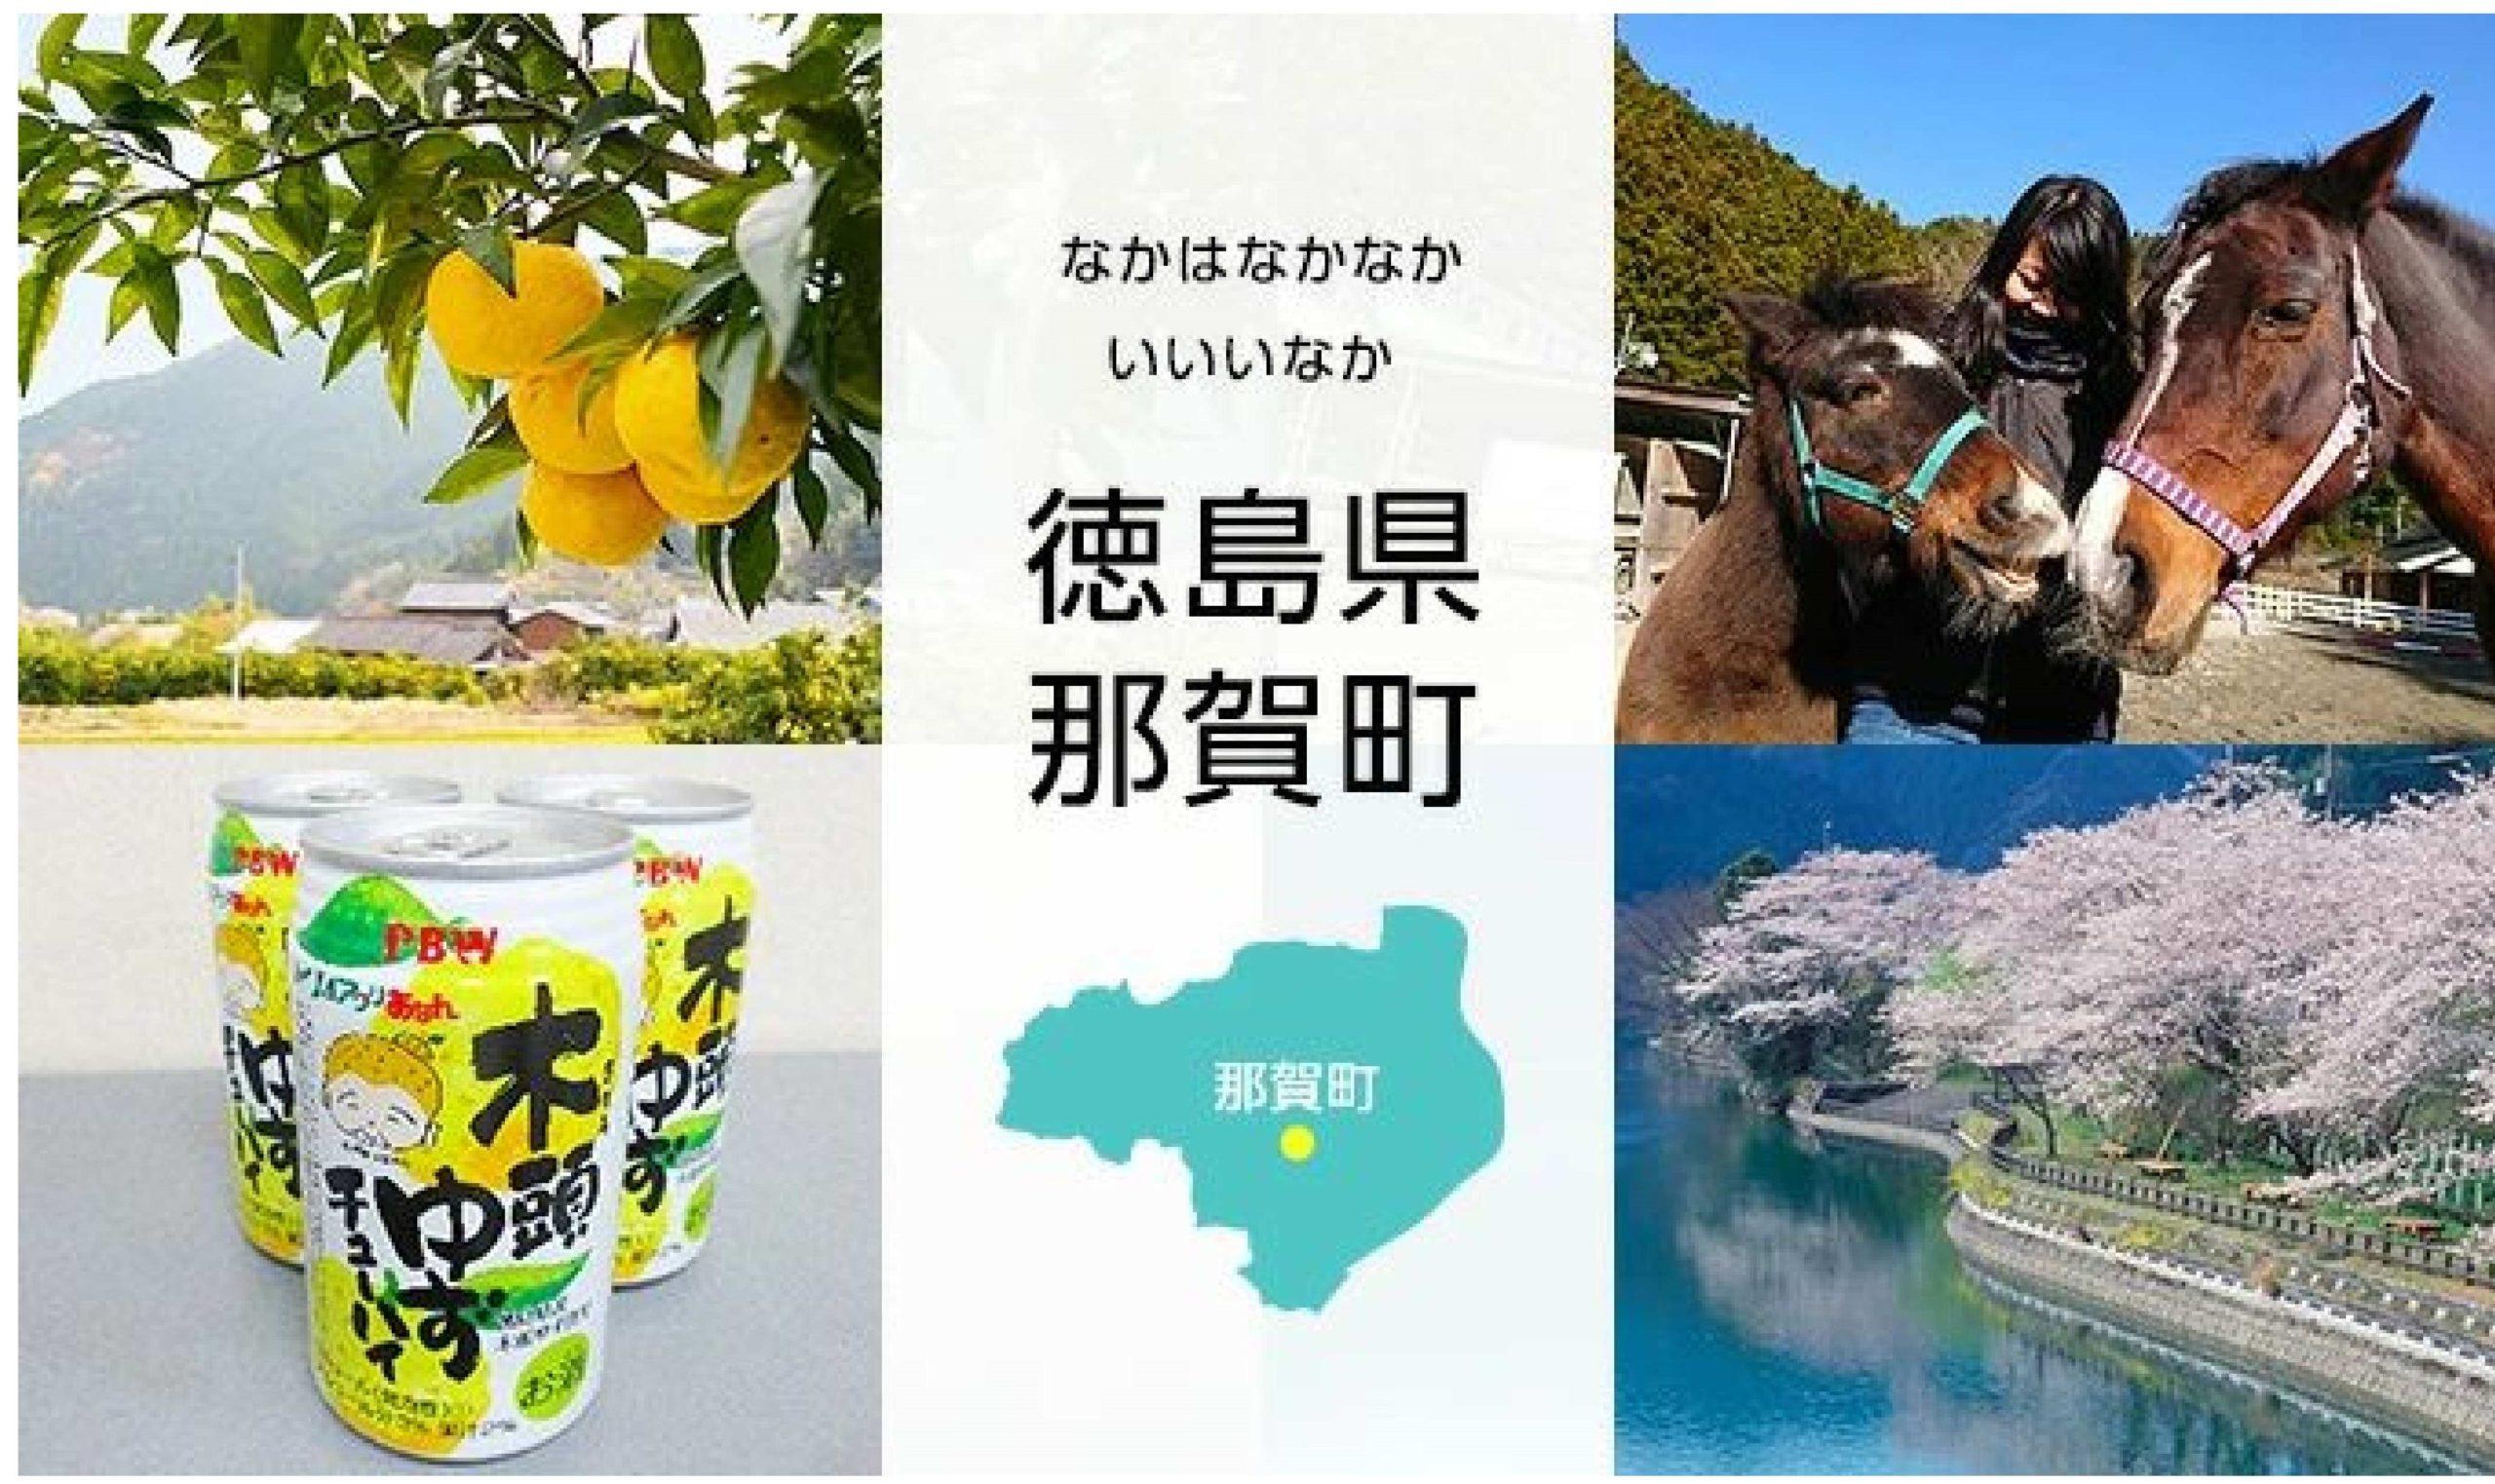 徳島県那賀町のふるさと納税返礼品(WoodBoard KUKU関係)